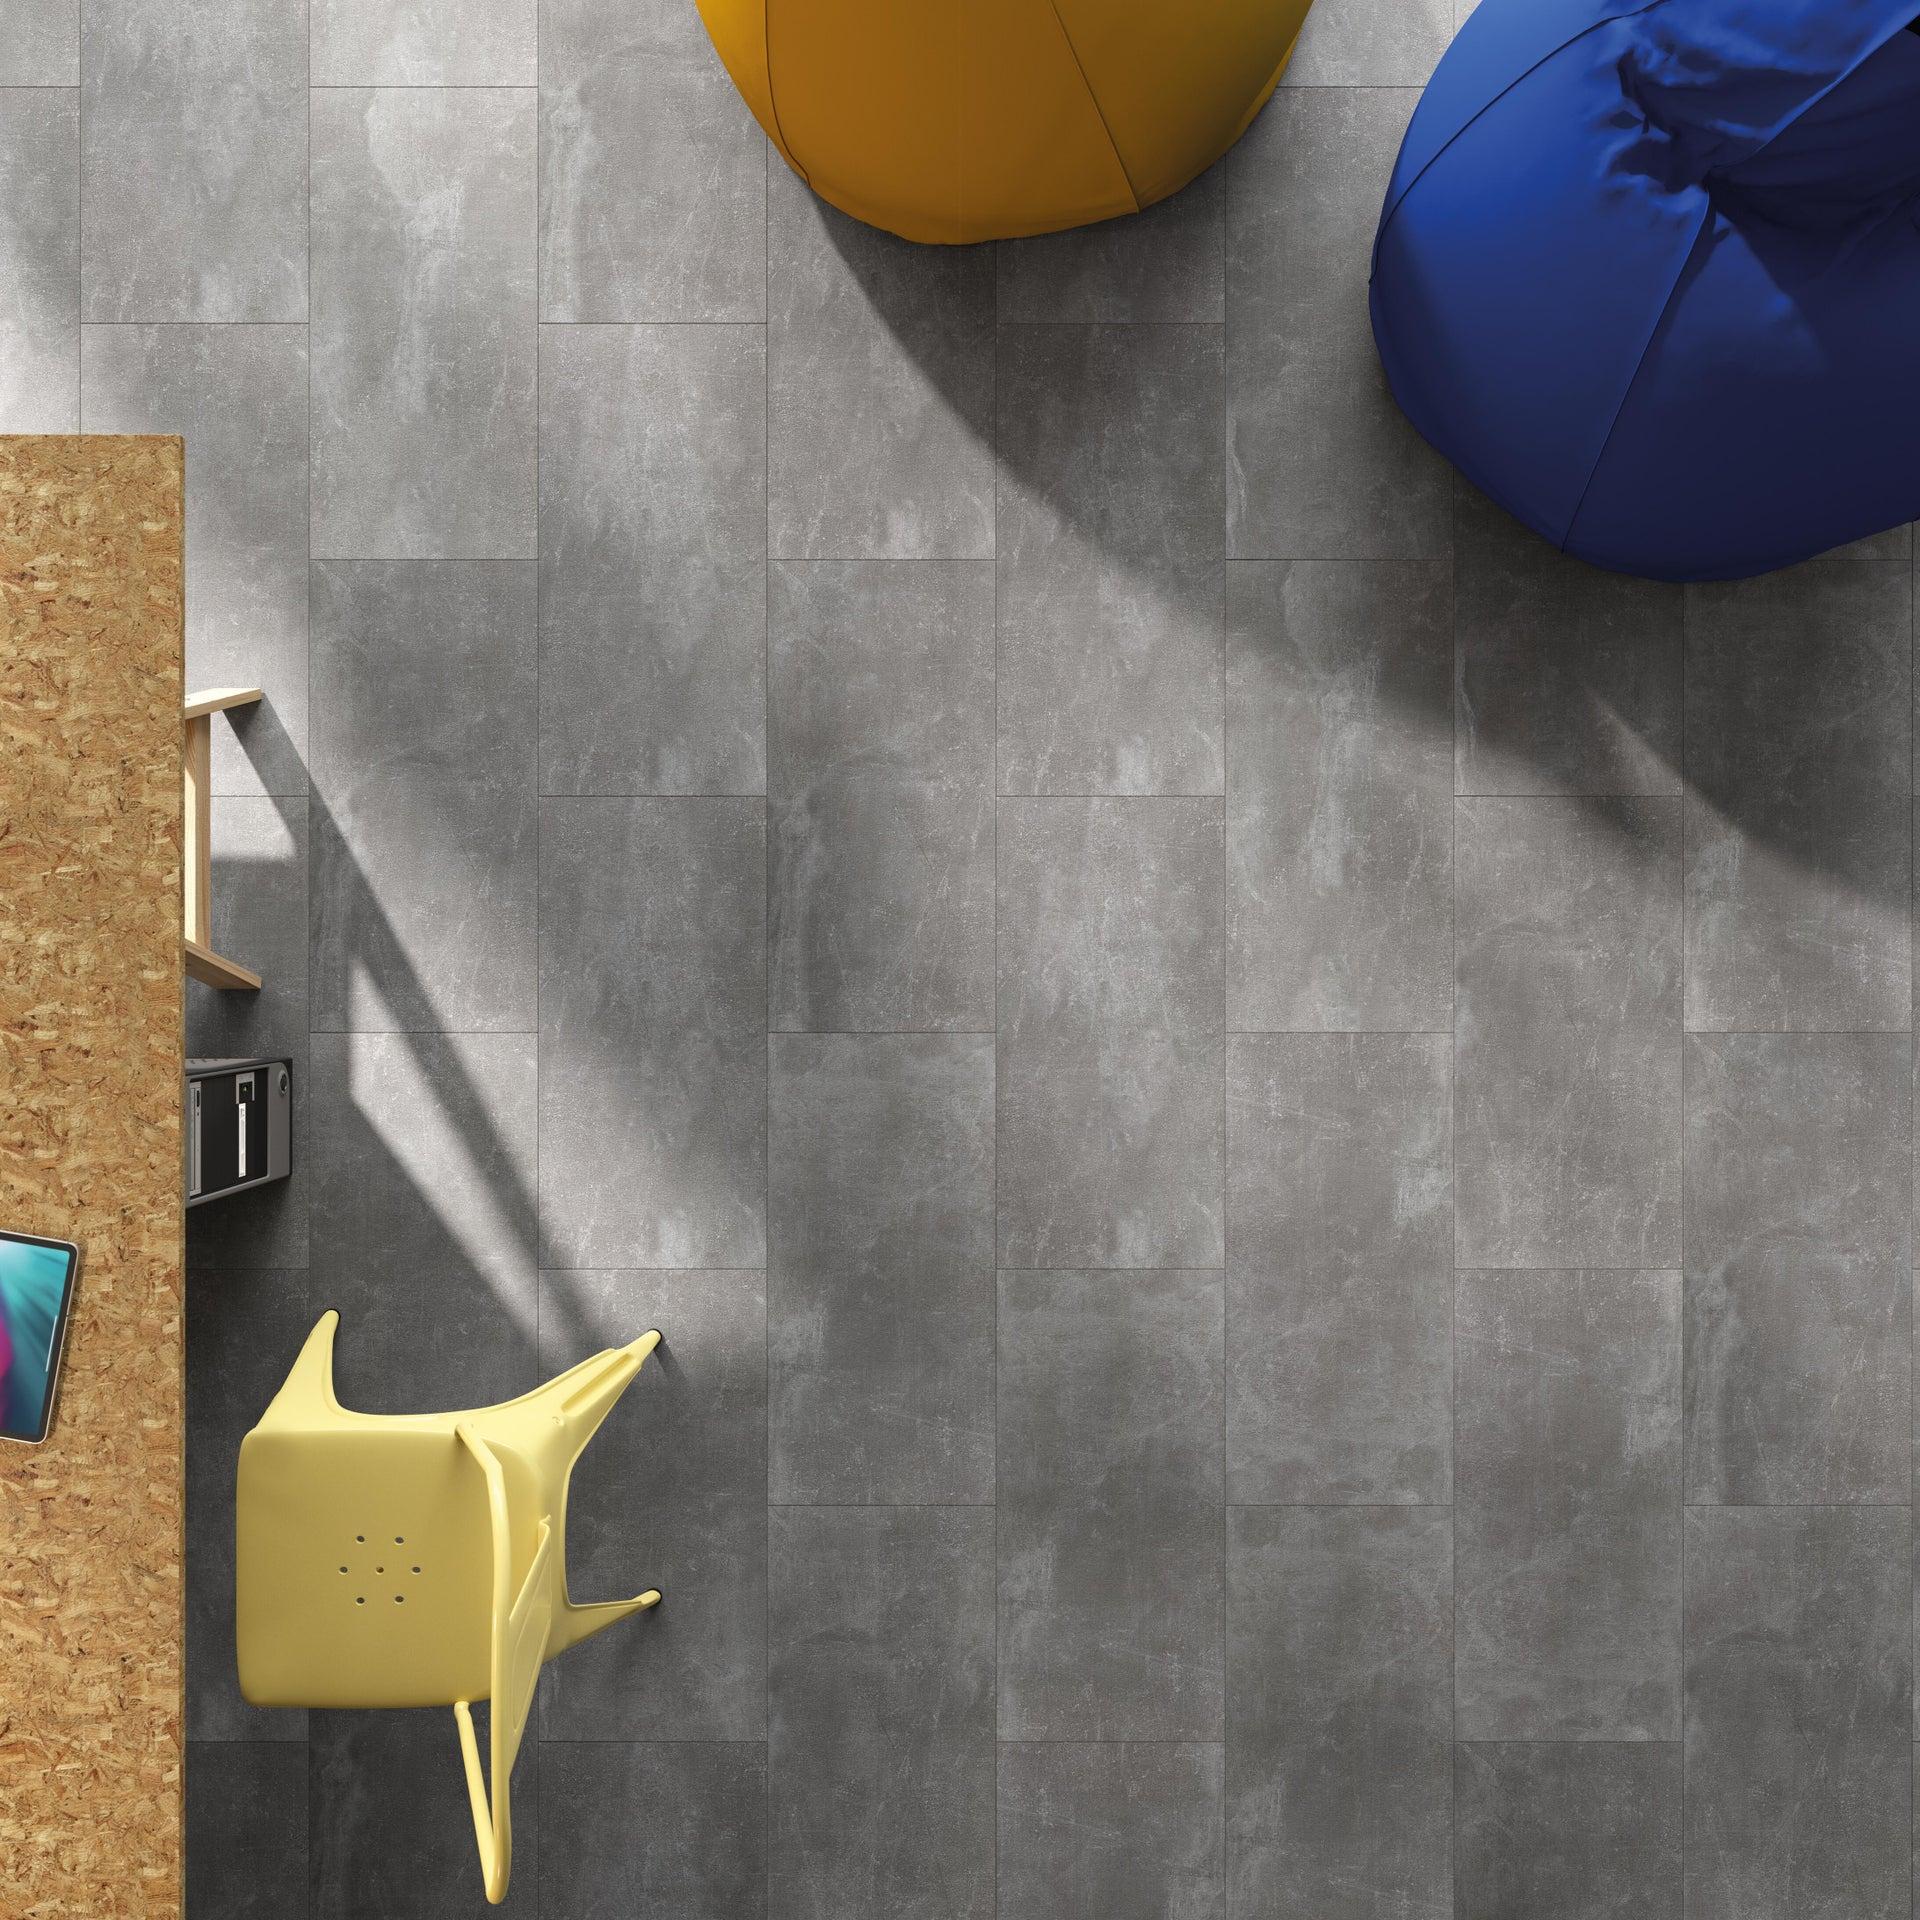 Pavimento SPC flottante clic+ Pietra Nova Industrial Sp 4.5 mm grigio / argento - 5